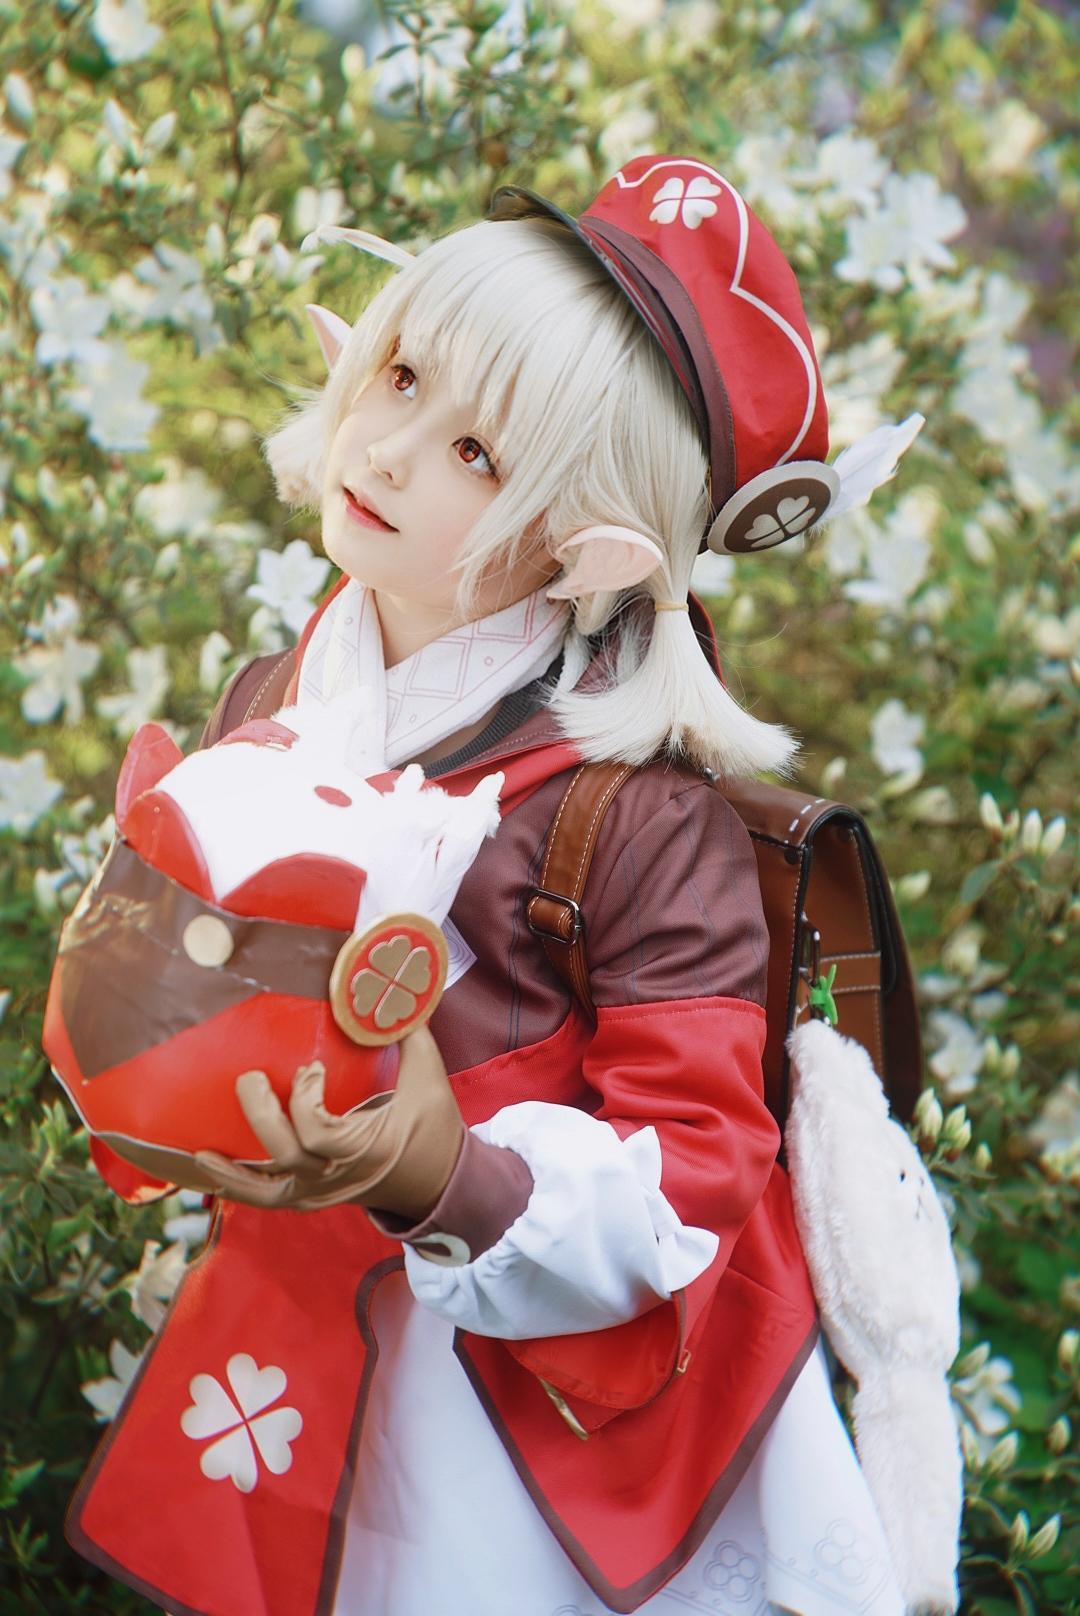 《原神》游戏cosplay【CN:小无邪和猪小糖】-第2张